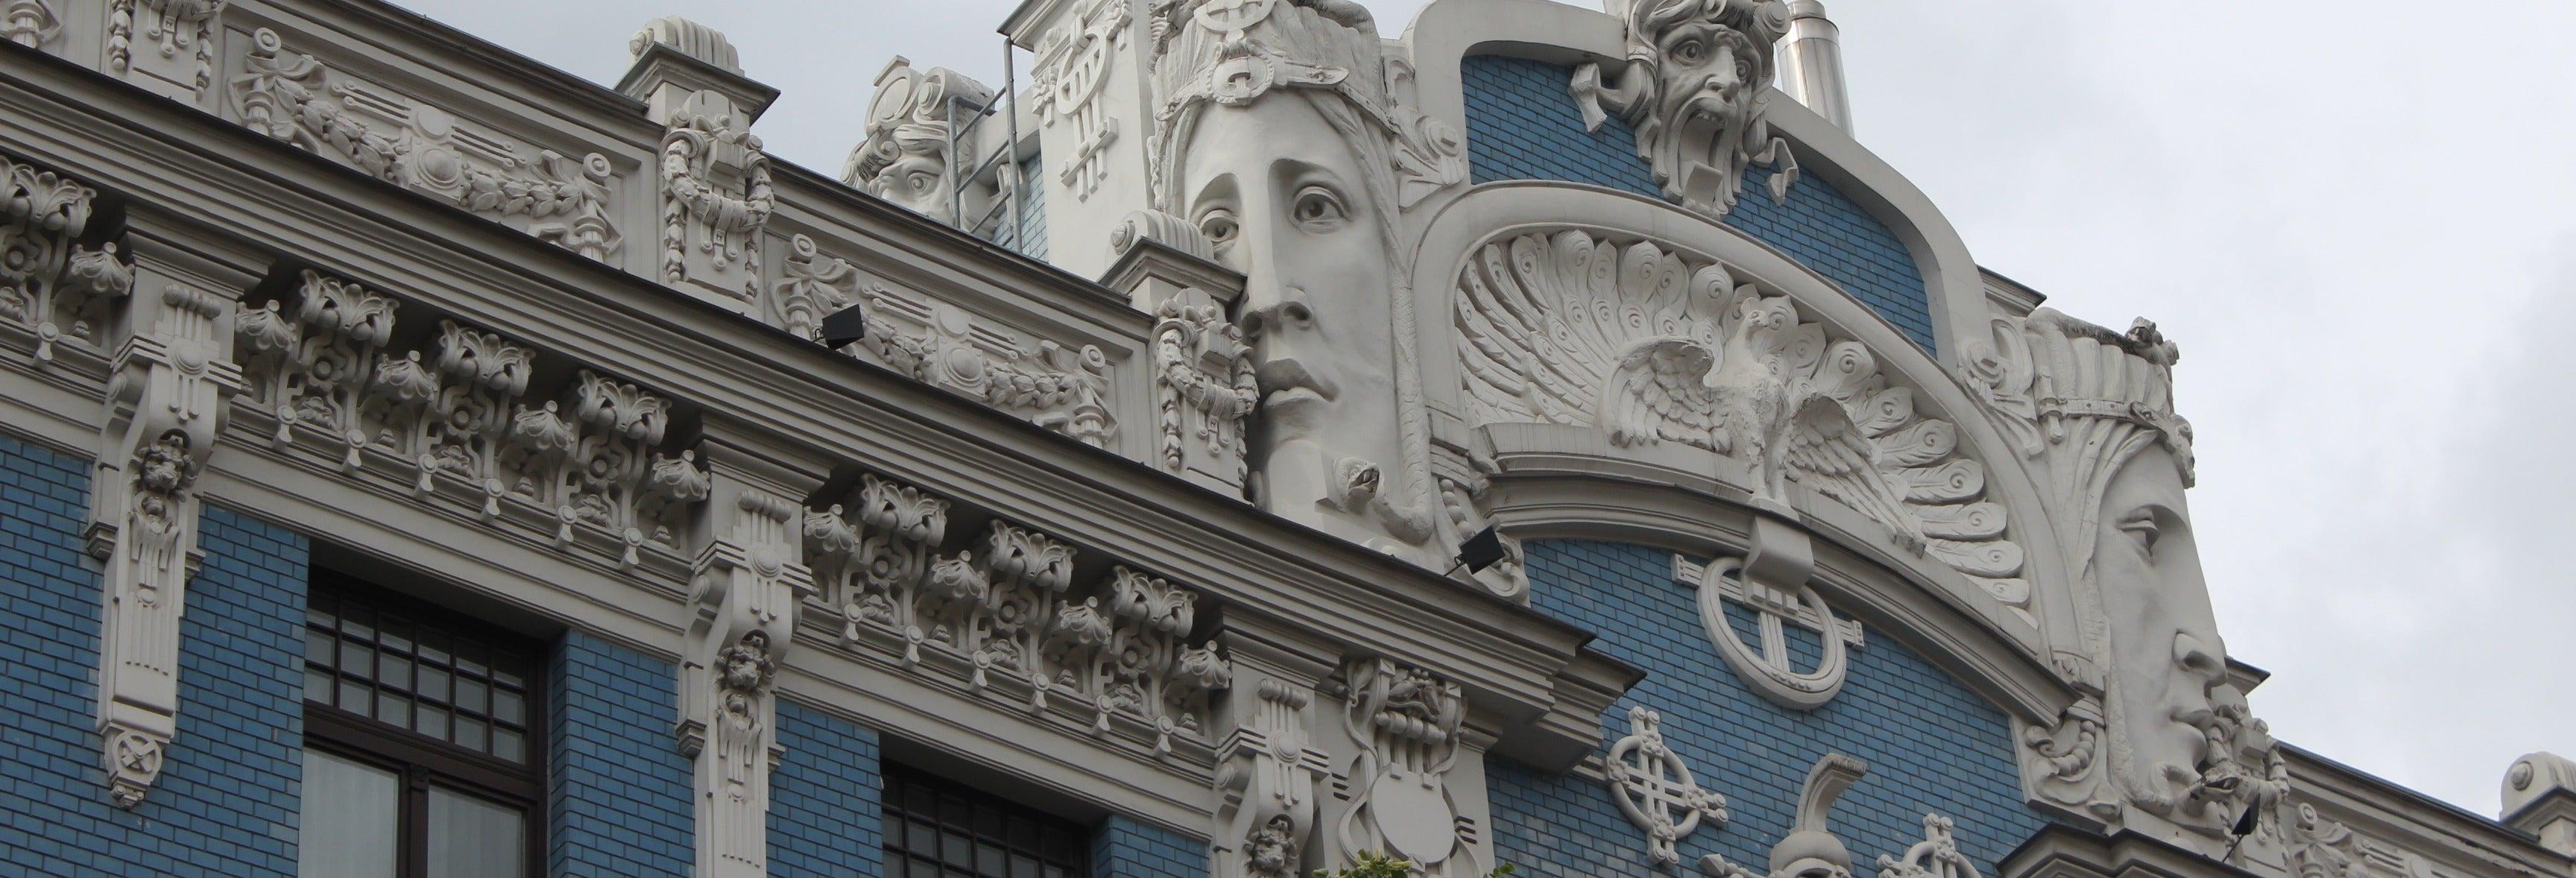 Visite autour de l'Art Nouveau